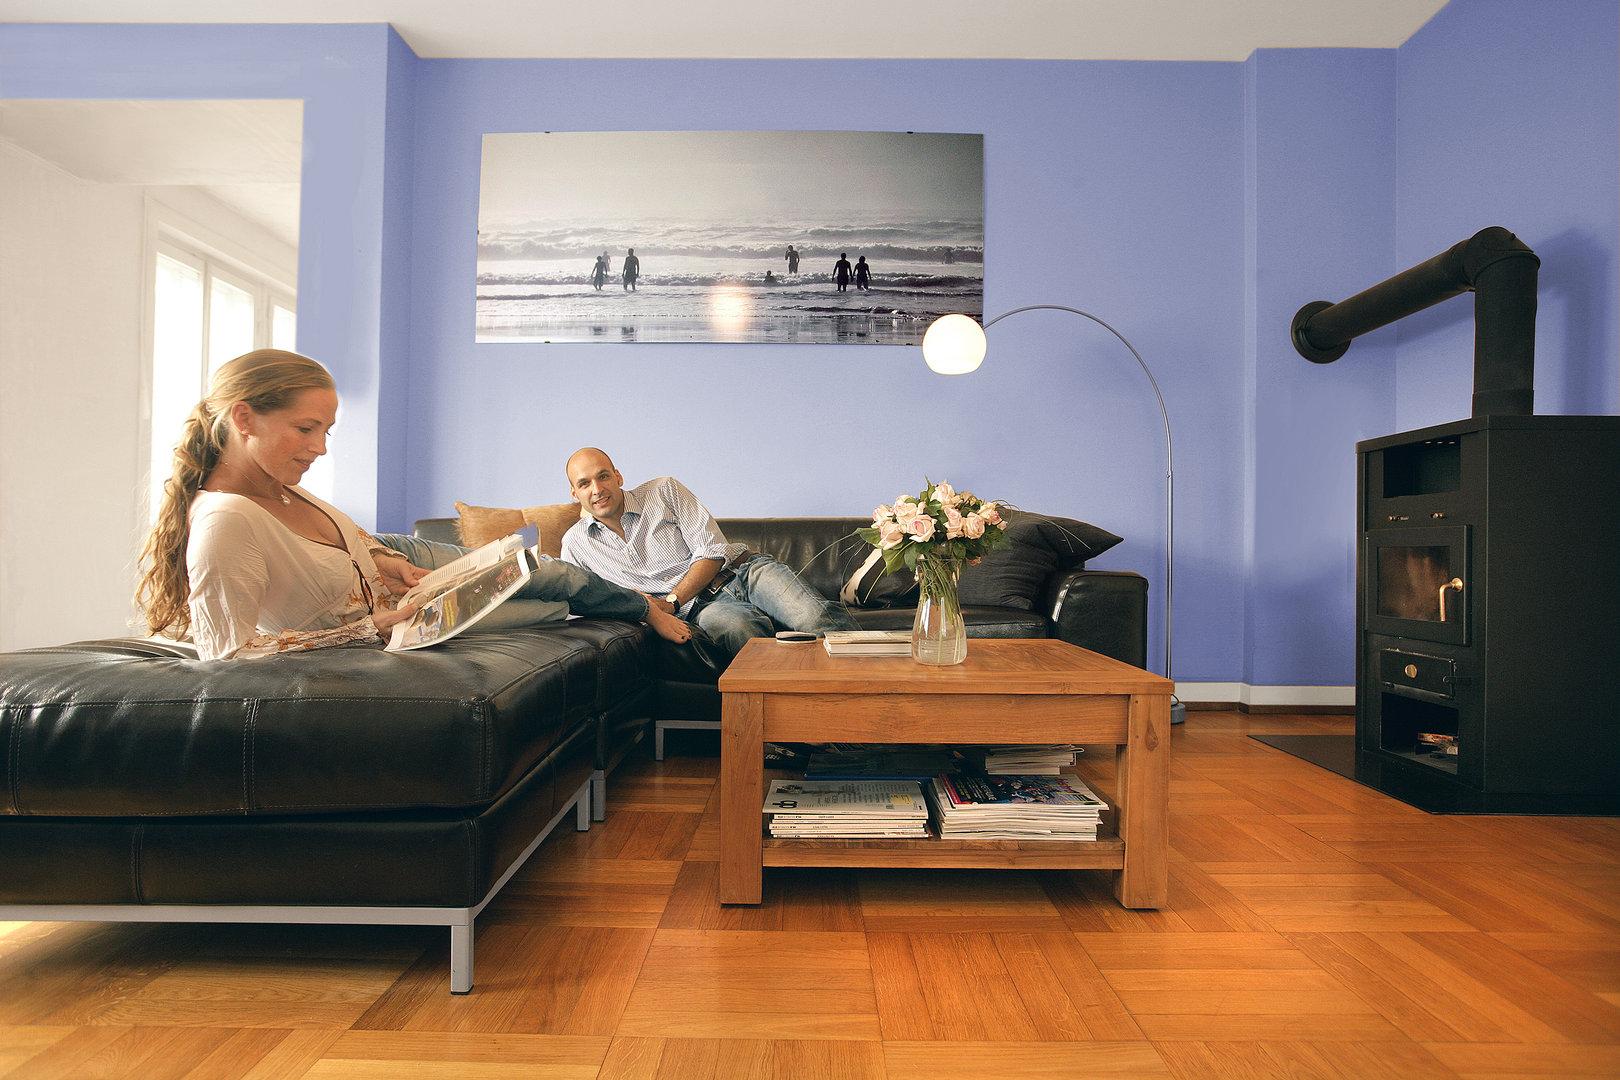 Auro kalk buntfarbe nr 350 farbton naturfarben - Luftfeuchtigkeit im wohnzimmer ...